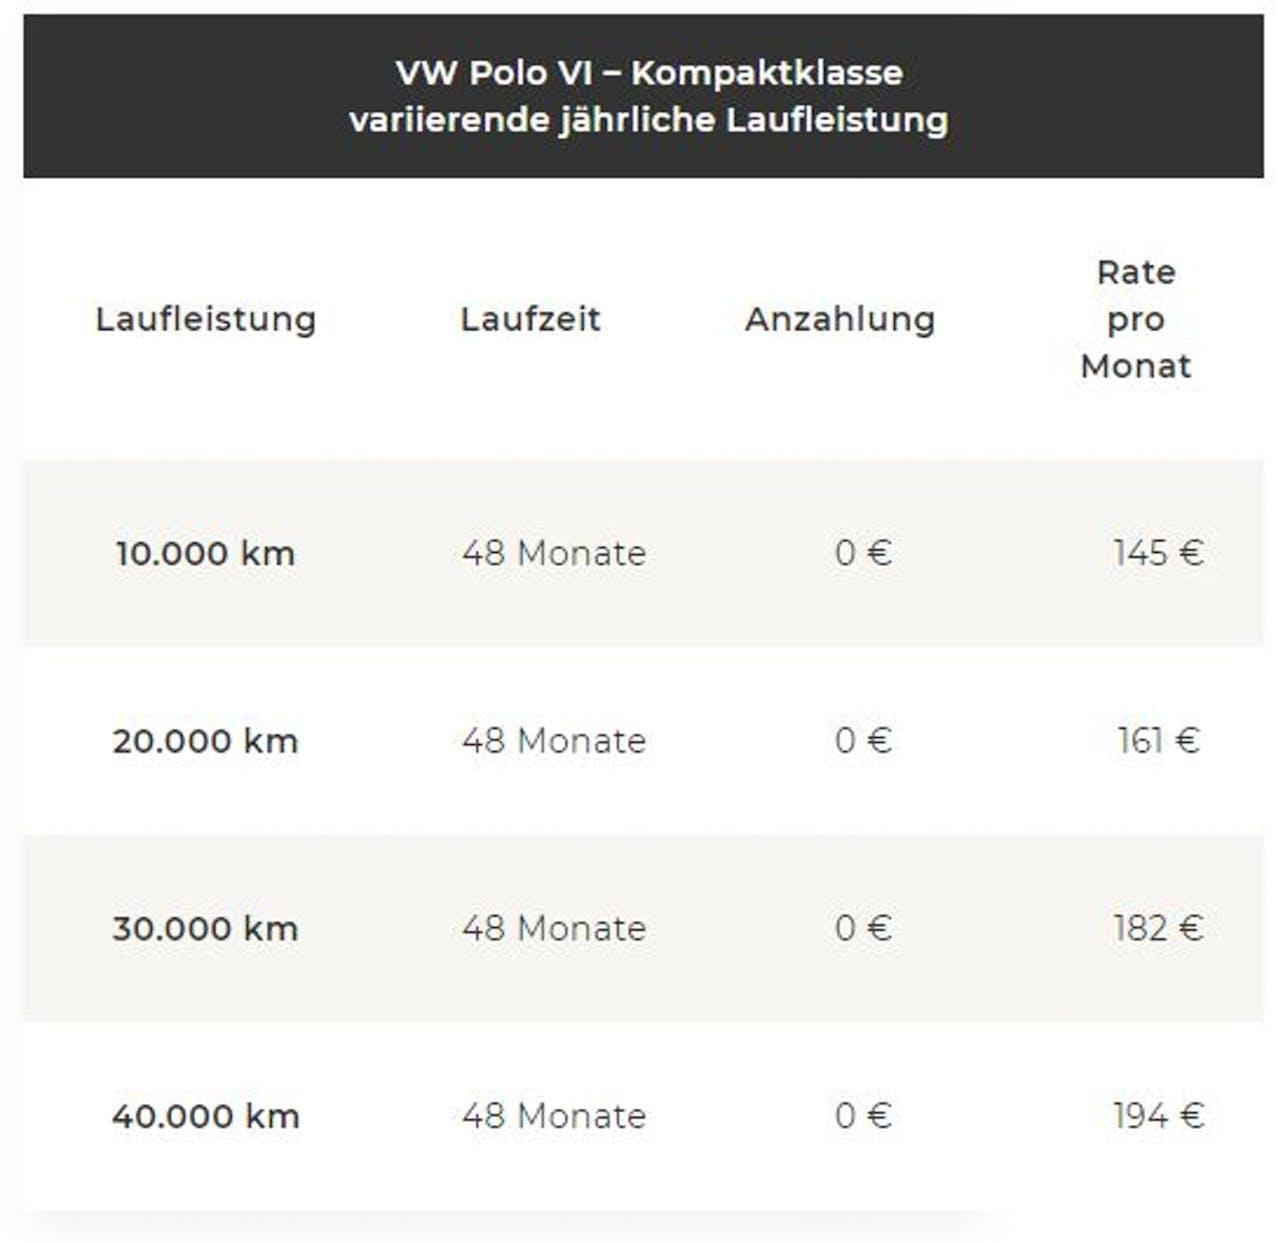 g der Leasingrate bei variierender Laufleistung für einen VW Polo